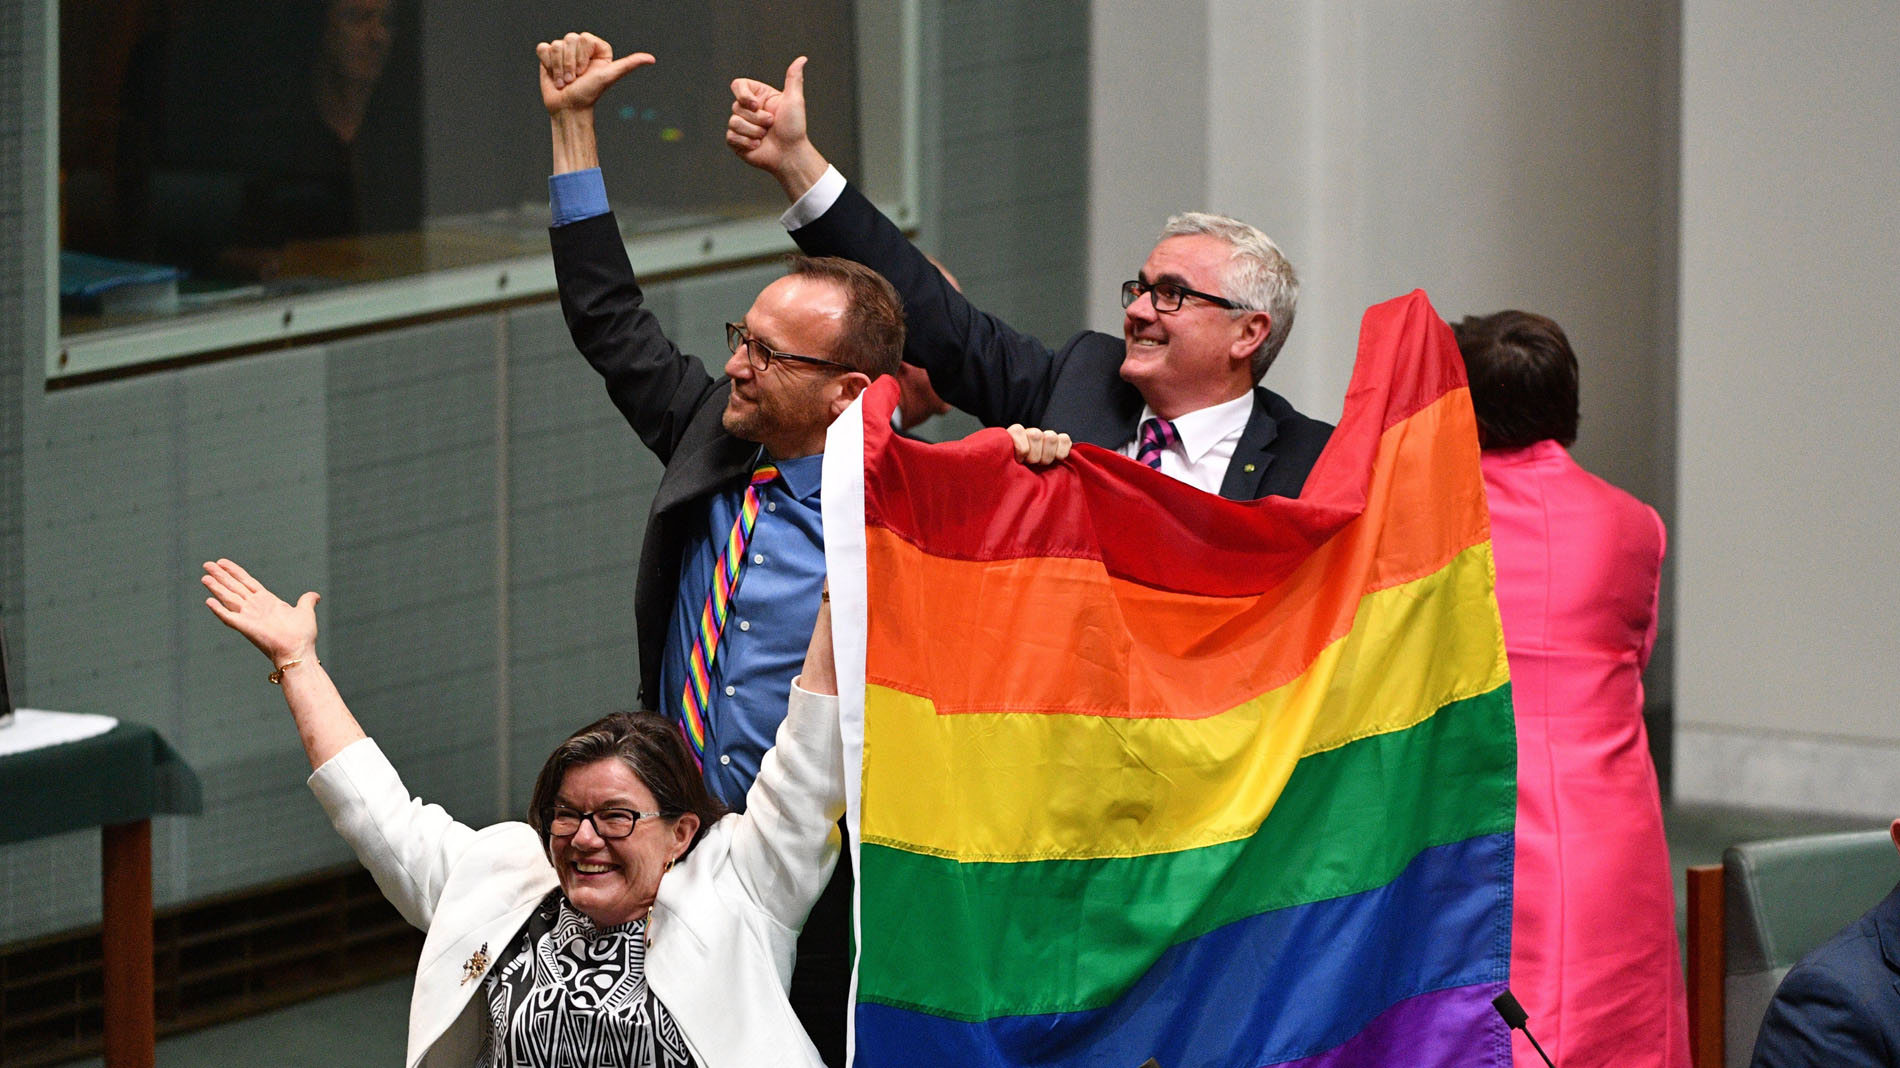 El Parlamento australiano aprueba legalizar el matrimonio homosexual